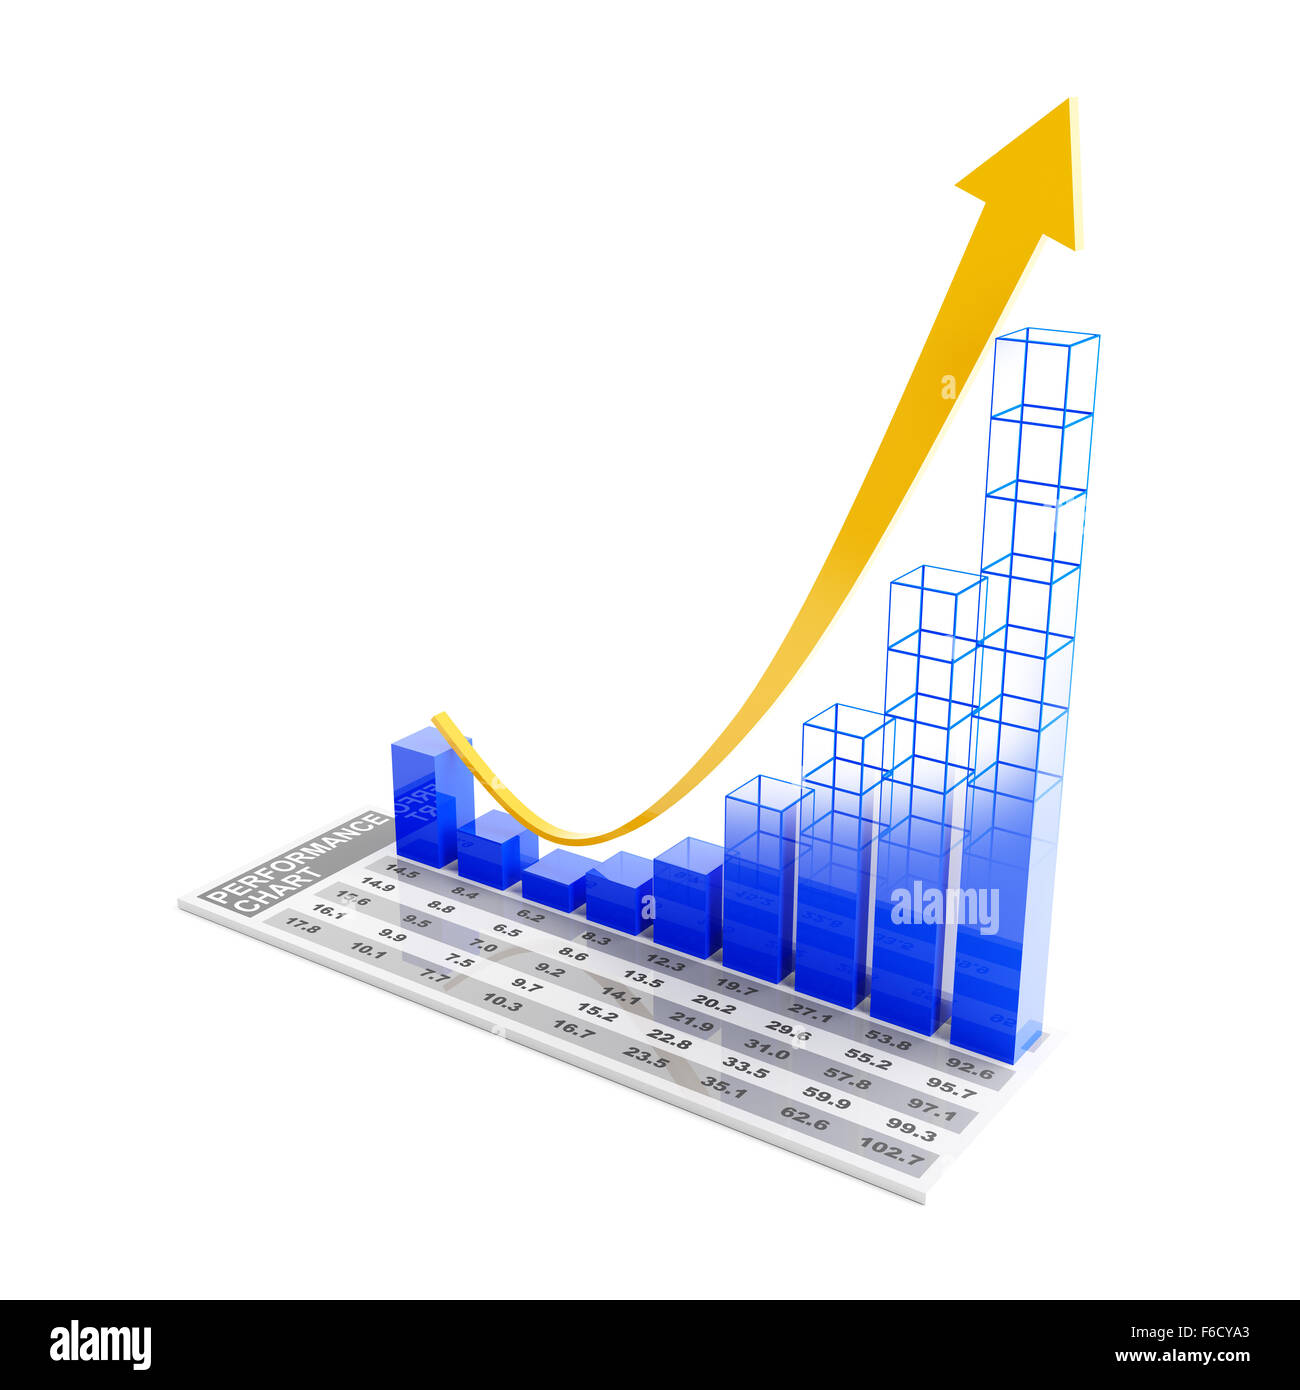 Tableau montrant le rendement futur tendance rebond Photo Stock